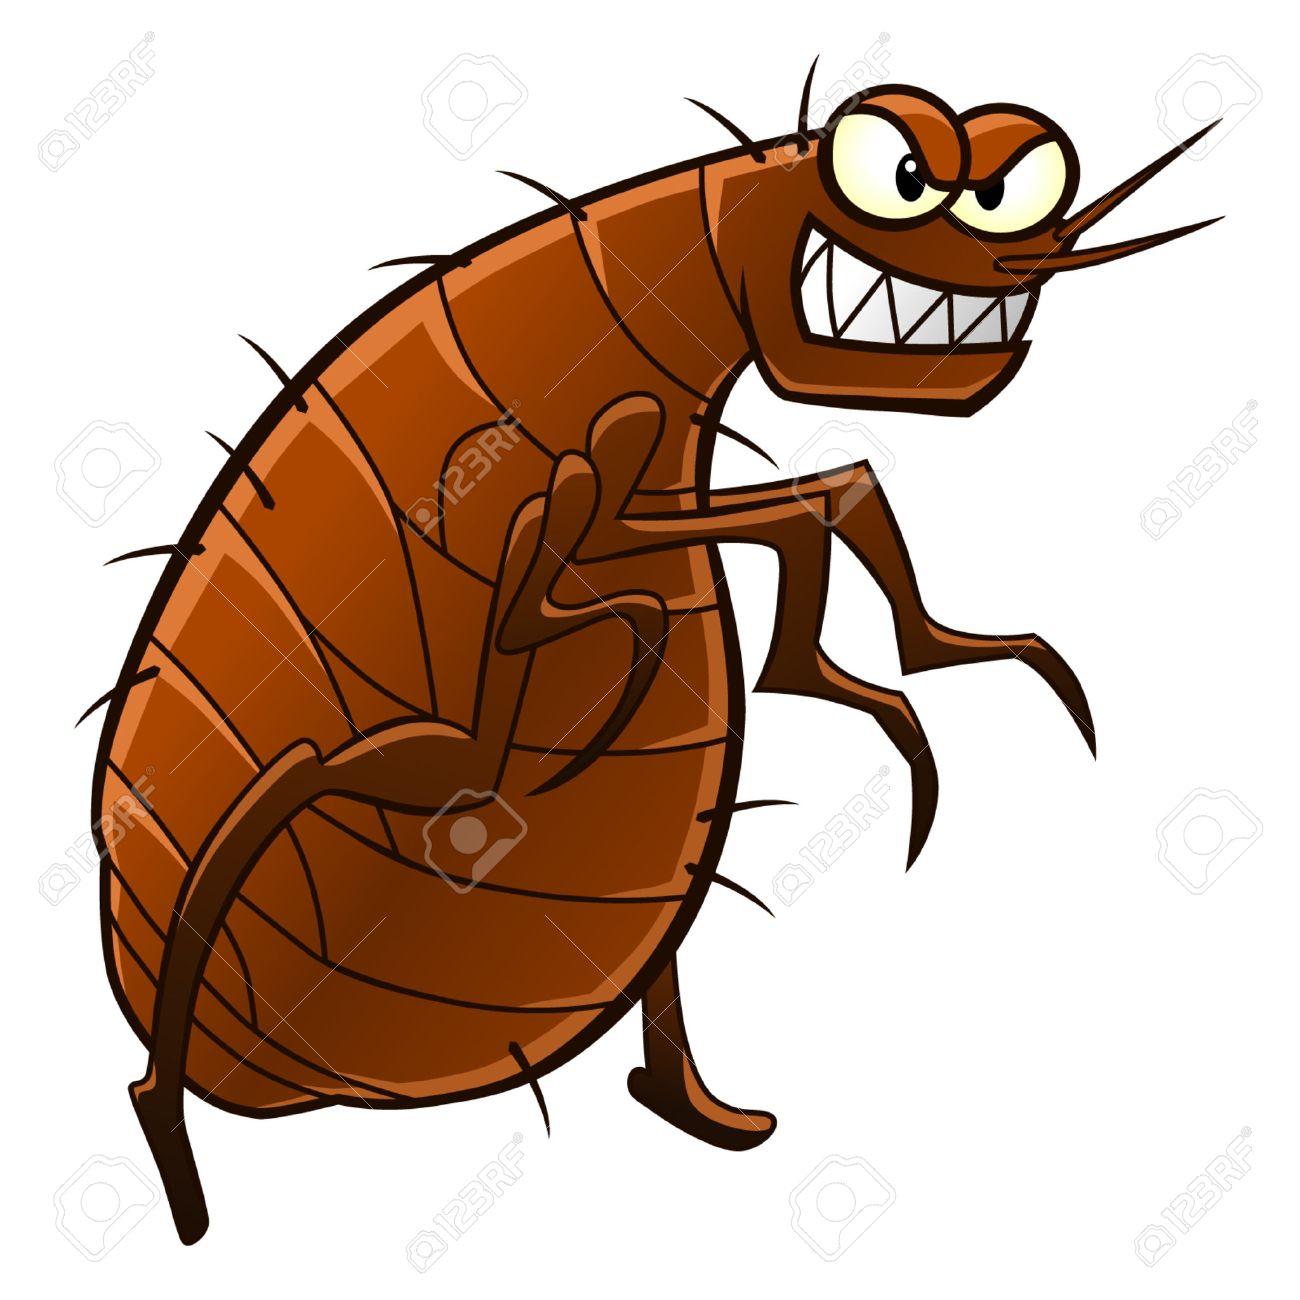 flea - 40825439